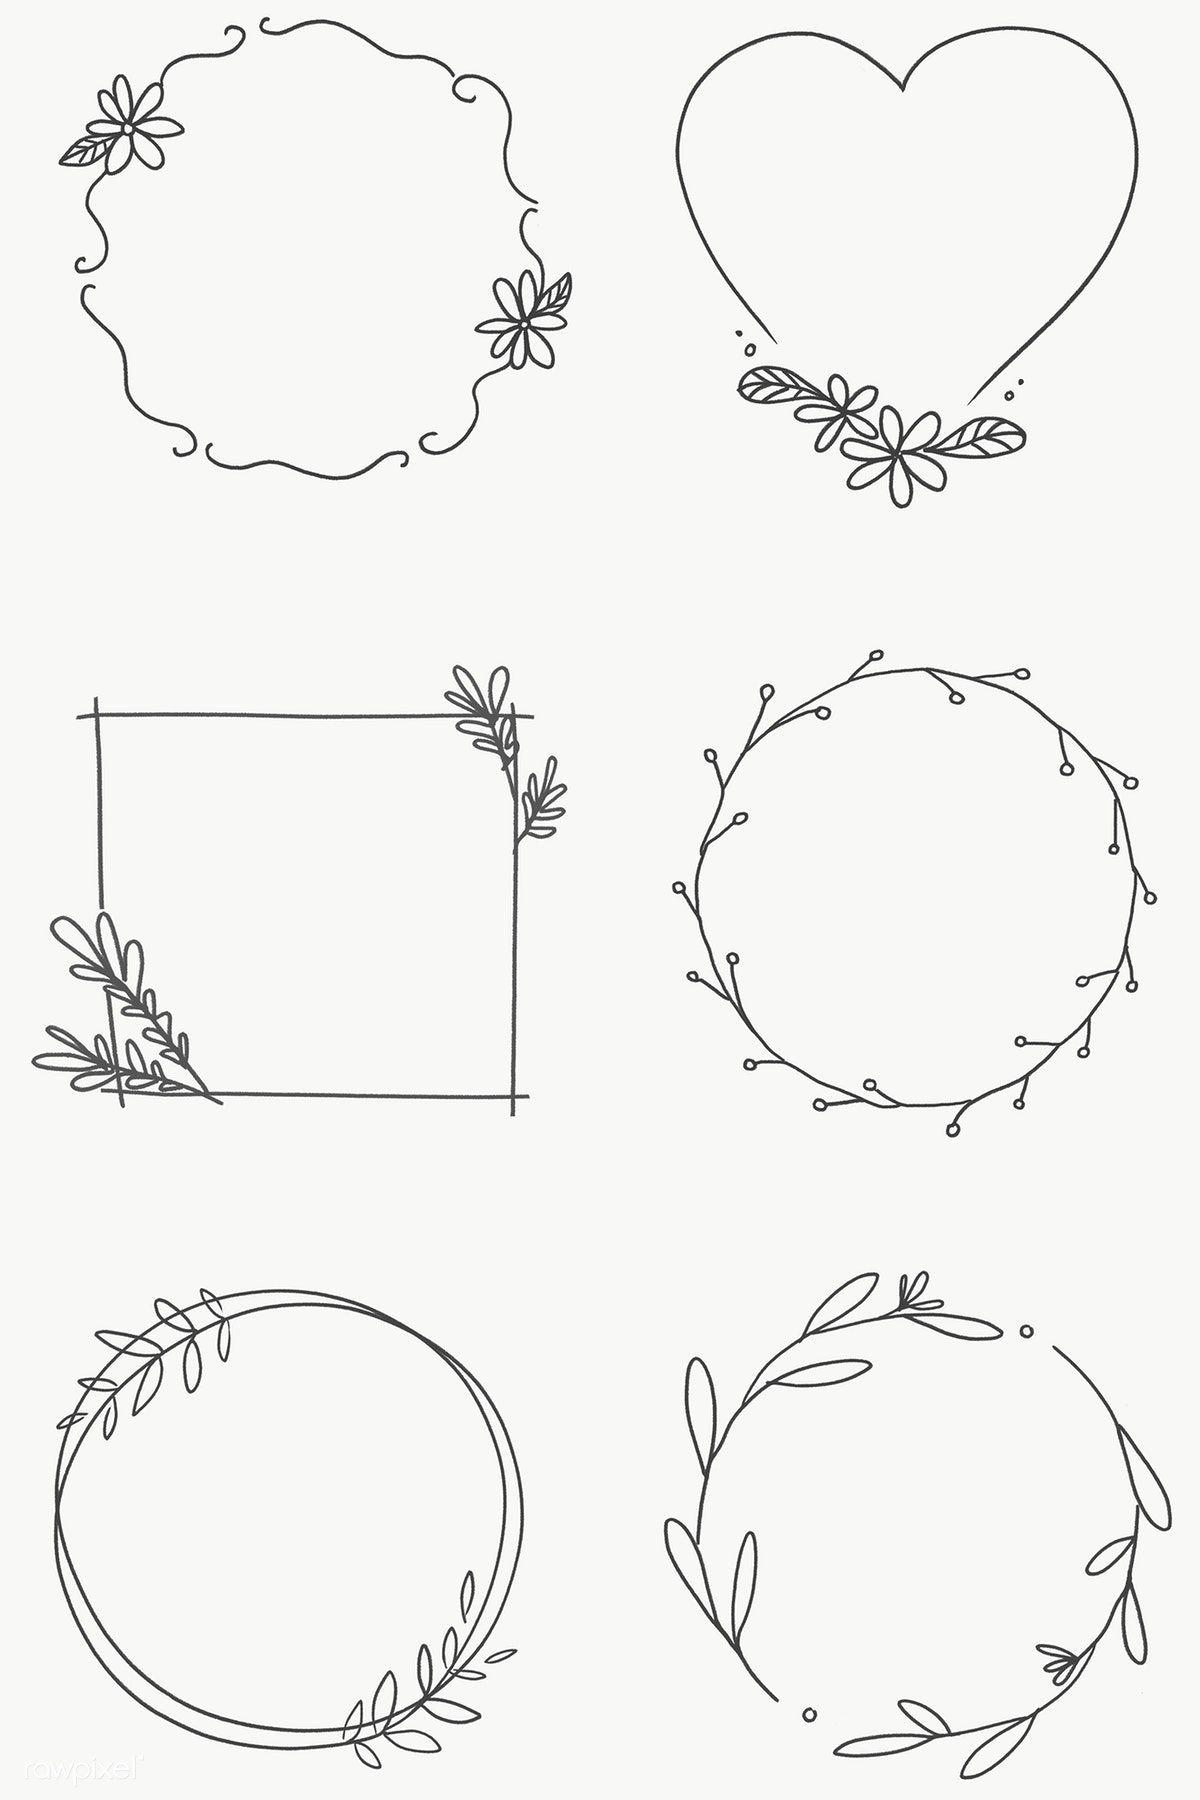 Download free png of Floral frame set transparent